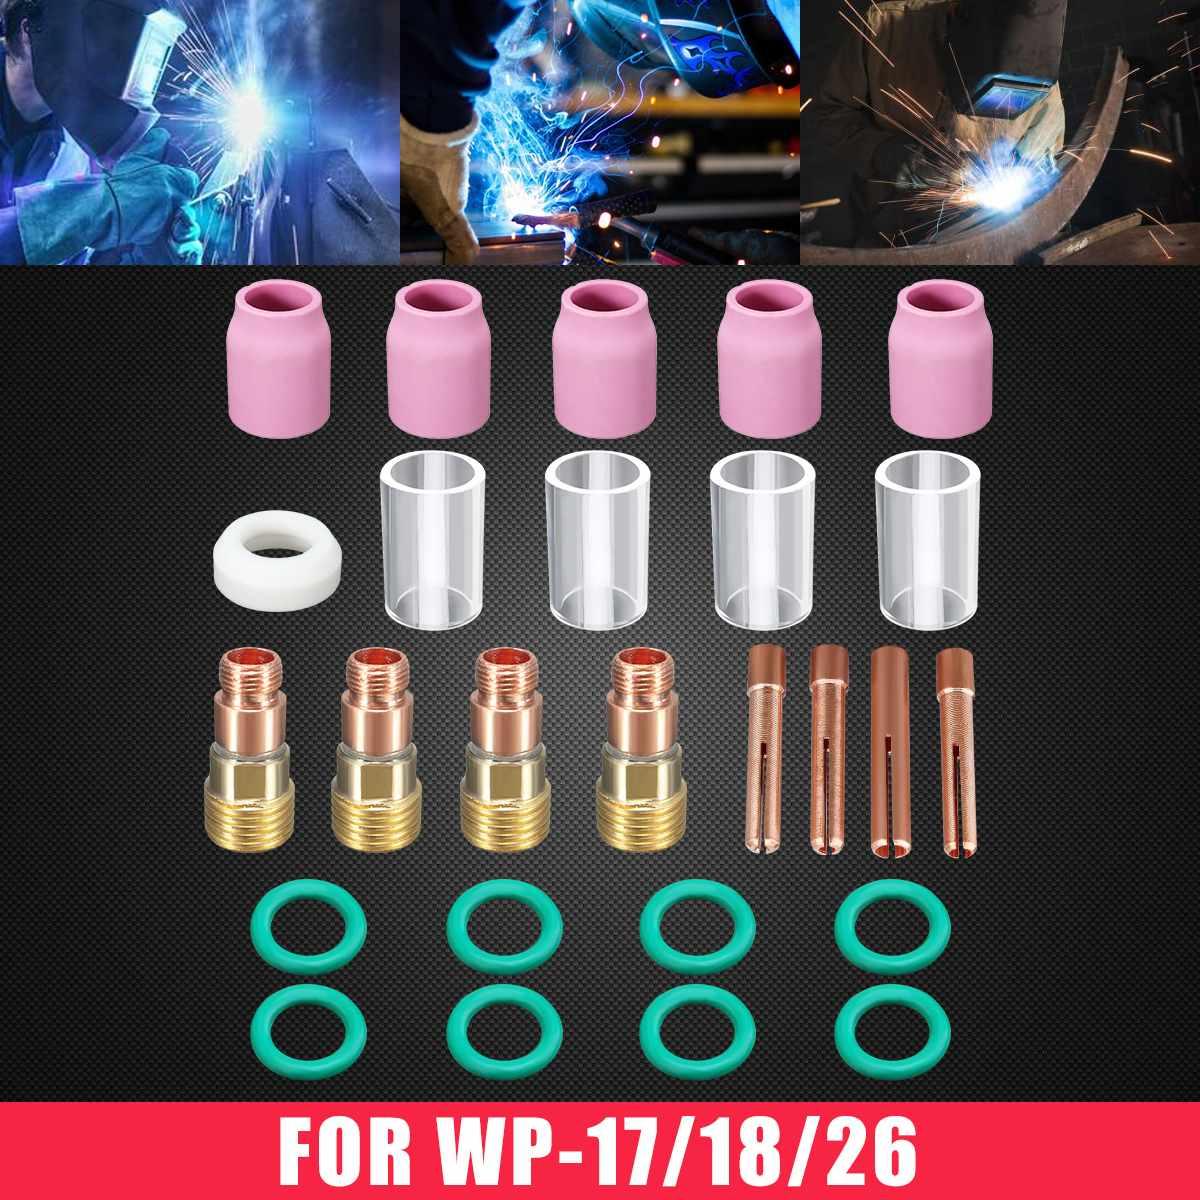 26x Wig-schweißbrenner Stubby Gas Objektiv #10 Pyrex Glas Tasse Kit Für WP-17/18/26 Schweißer Schweißen Werkzeuge Neue ankunft 2020